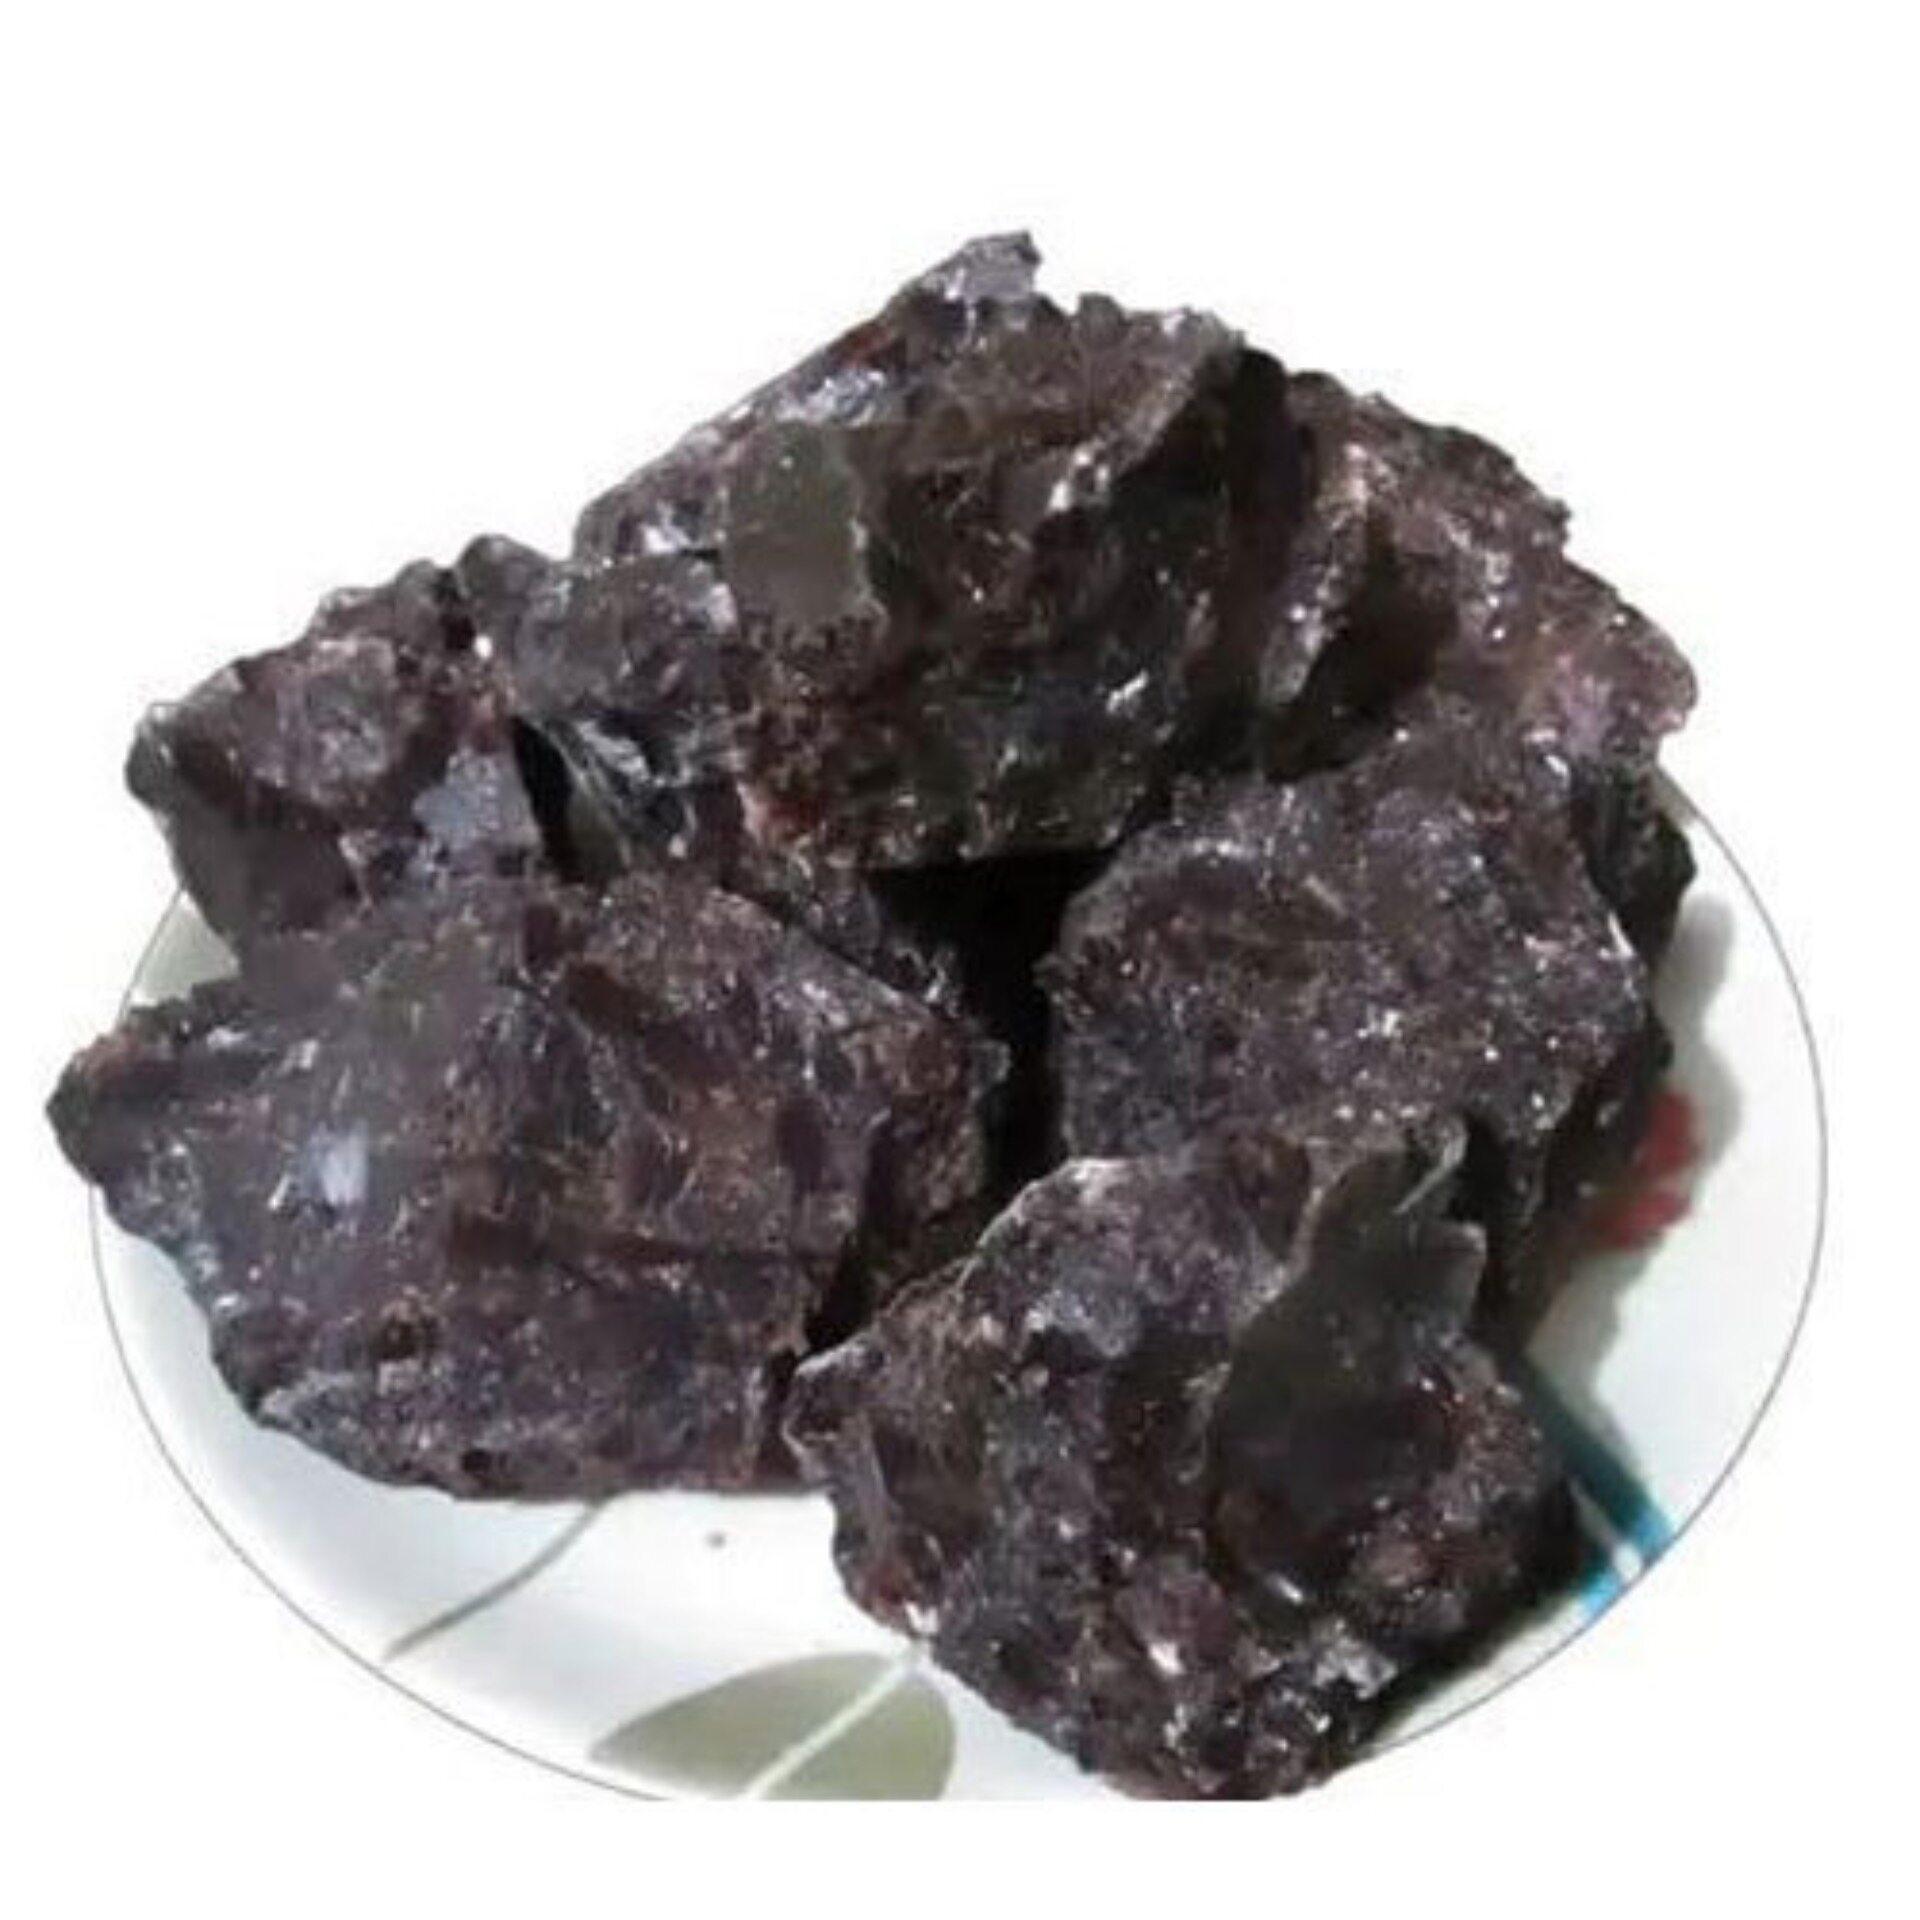 kala namak black salt Batuan Ketulan Garam bukit hitam 1kg